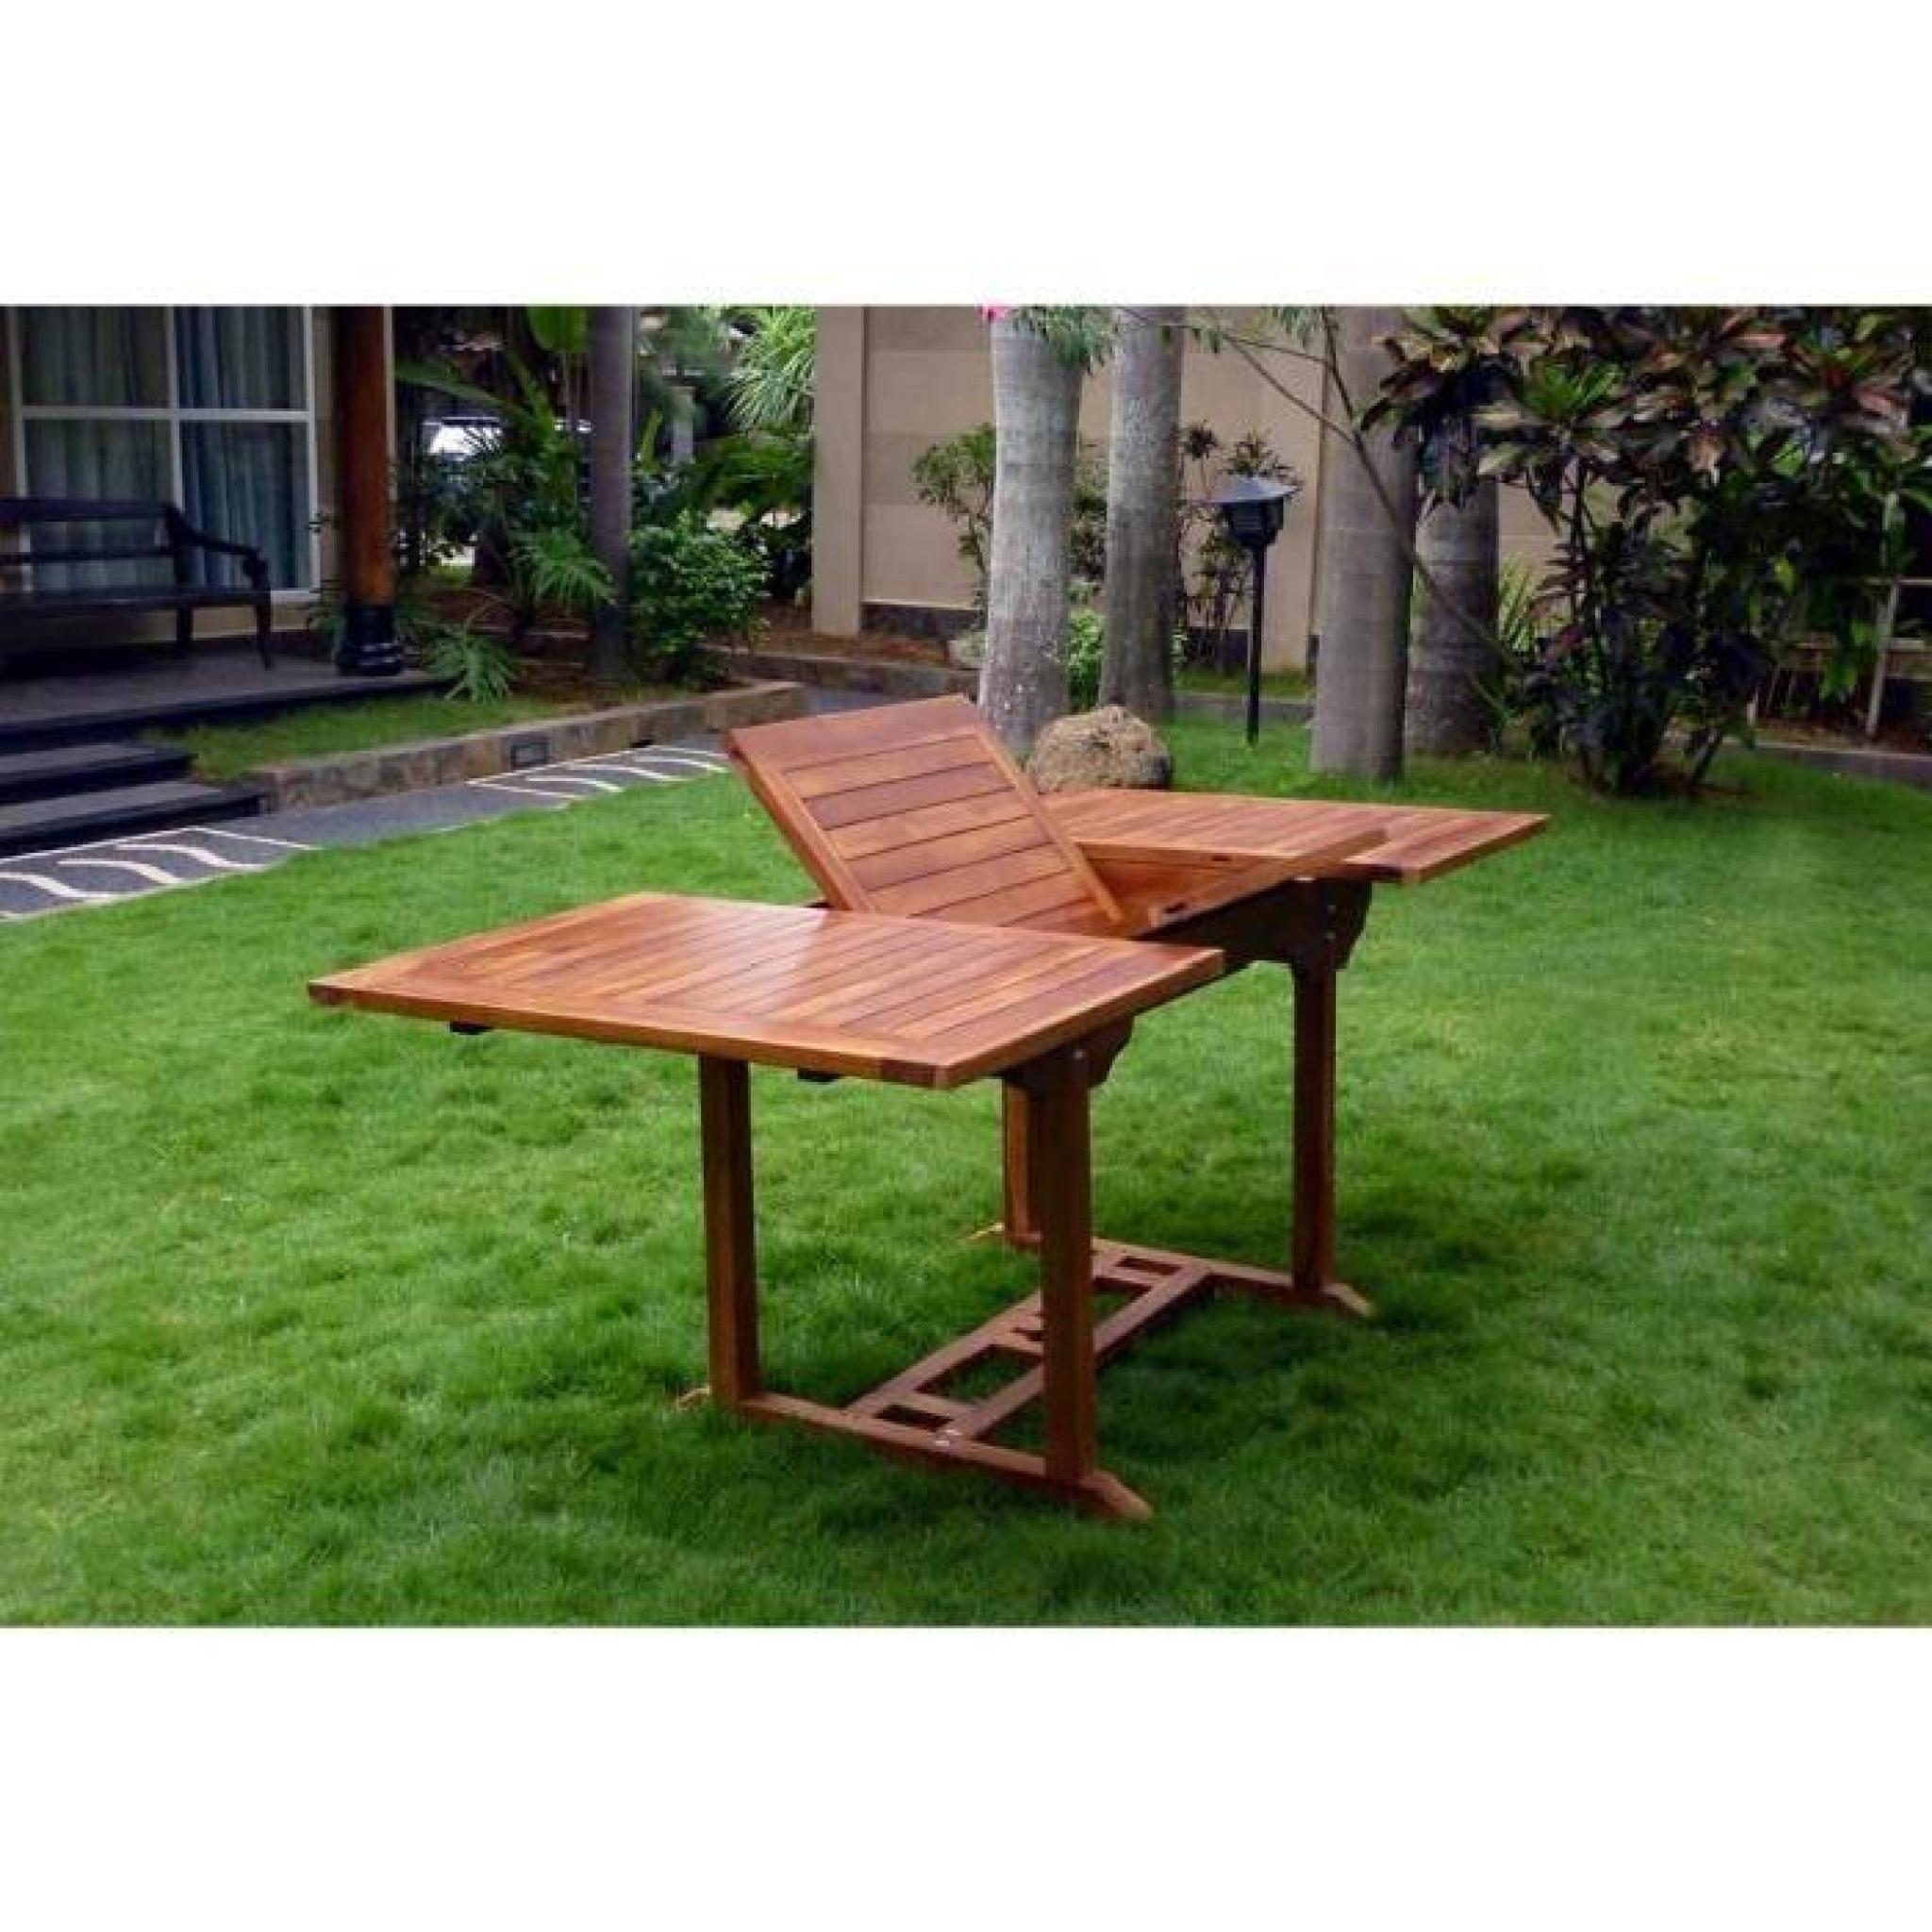 Table Extérieur En Teck Huilé 8 Places dedans Table De Jardin Extensible Pas Cher